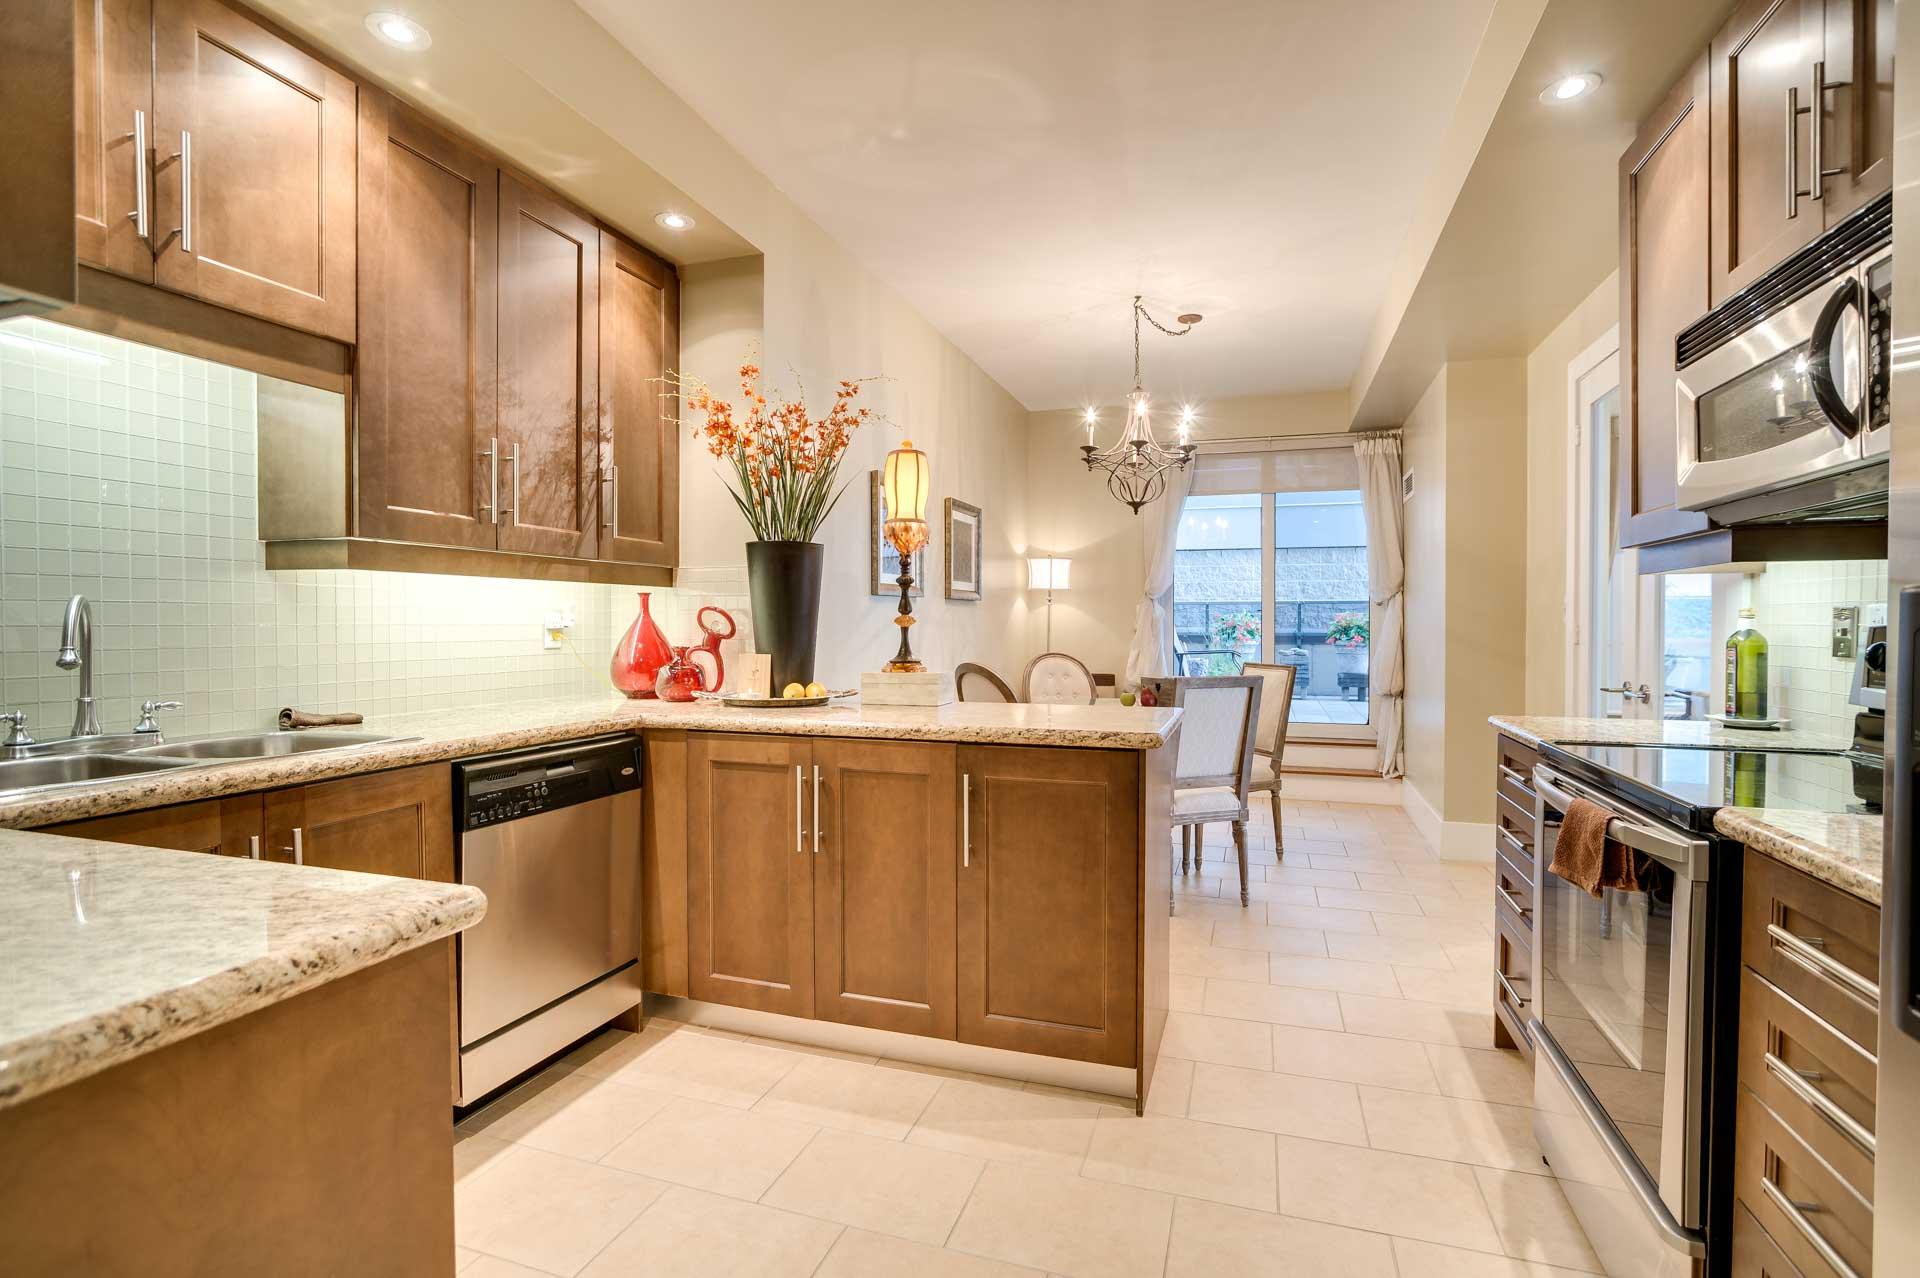 15_kitchen1.jpg